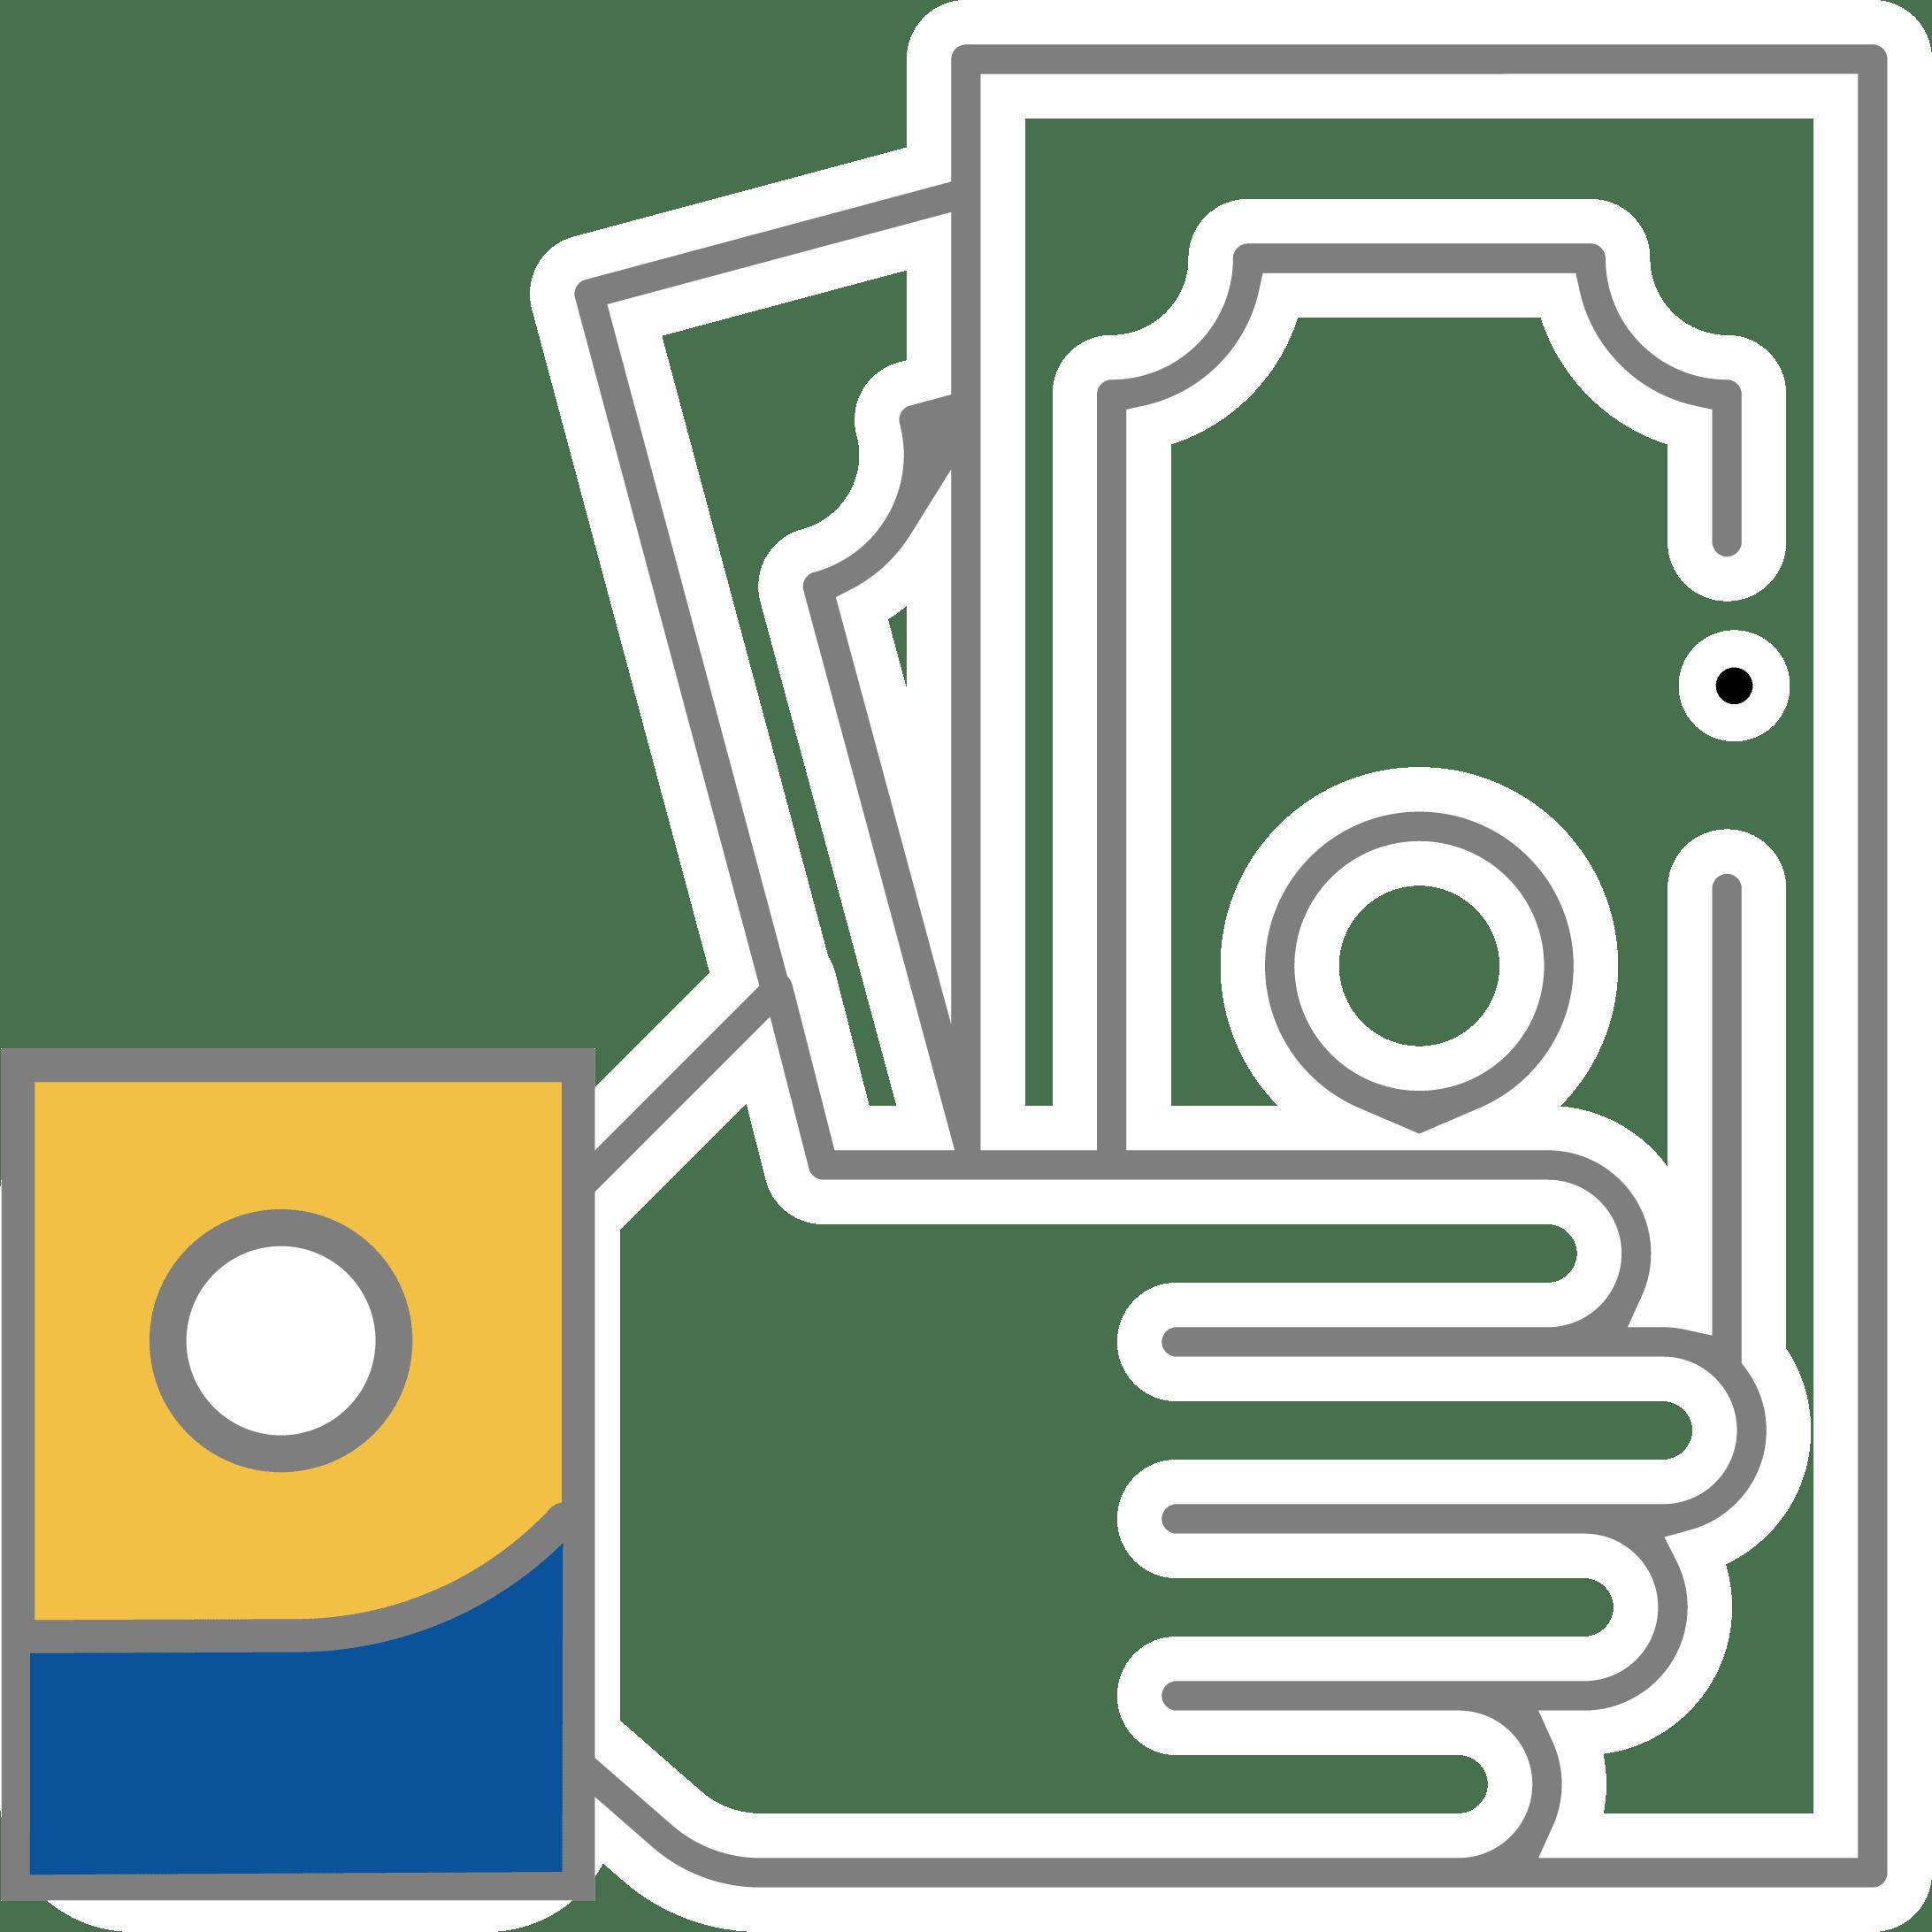 мкк займ инвест кредит для ип на открытие бизнеса с нуля альфа банк